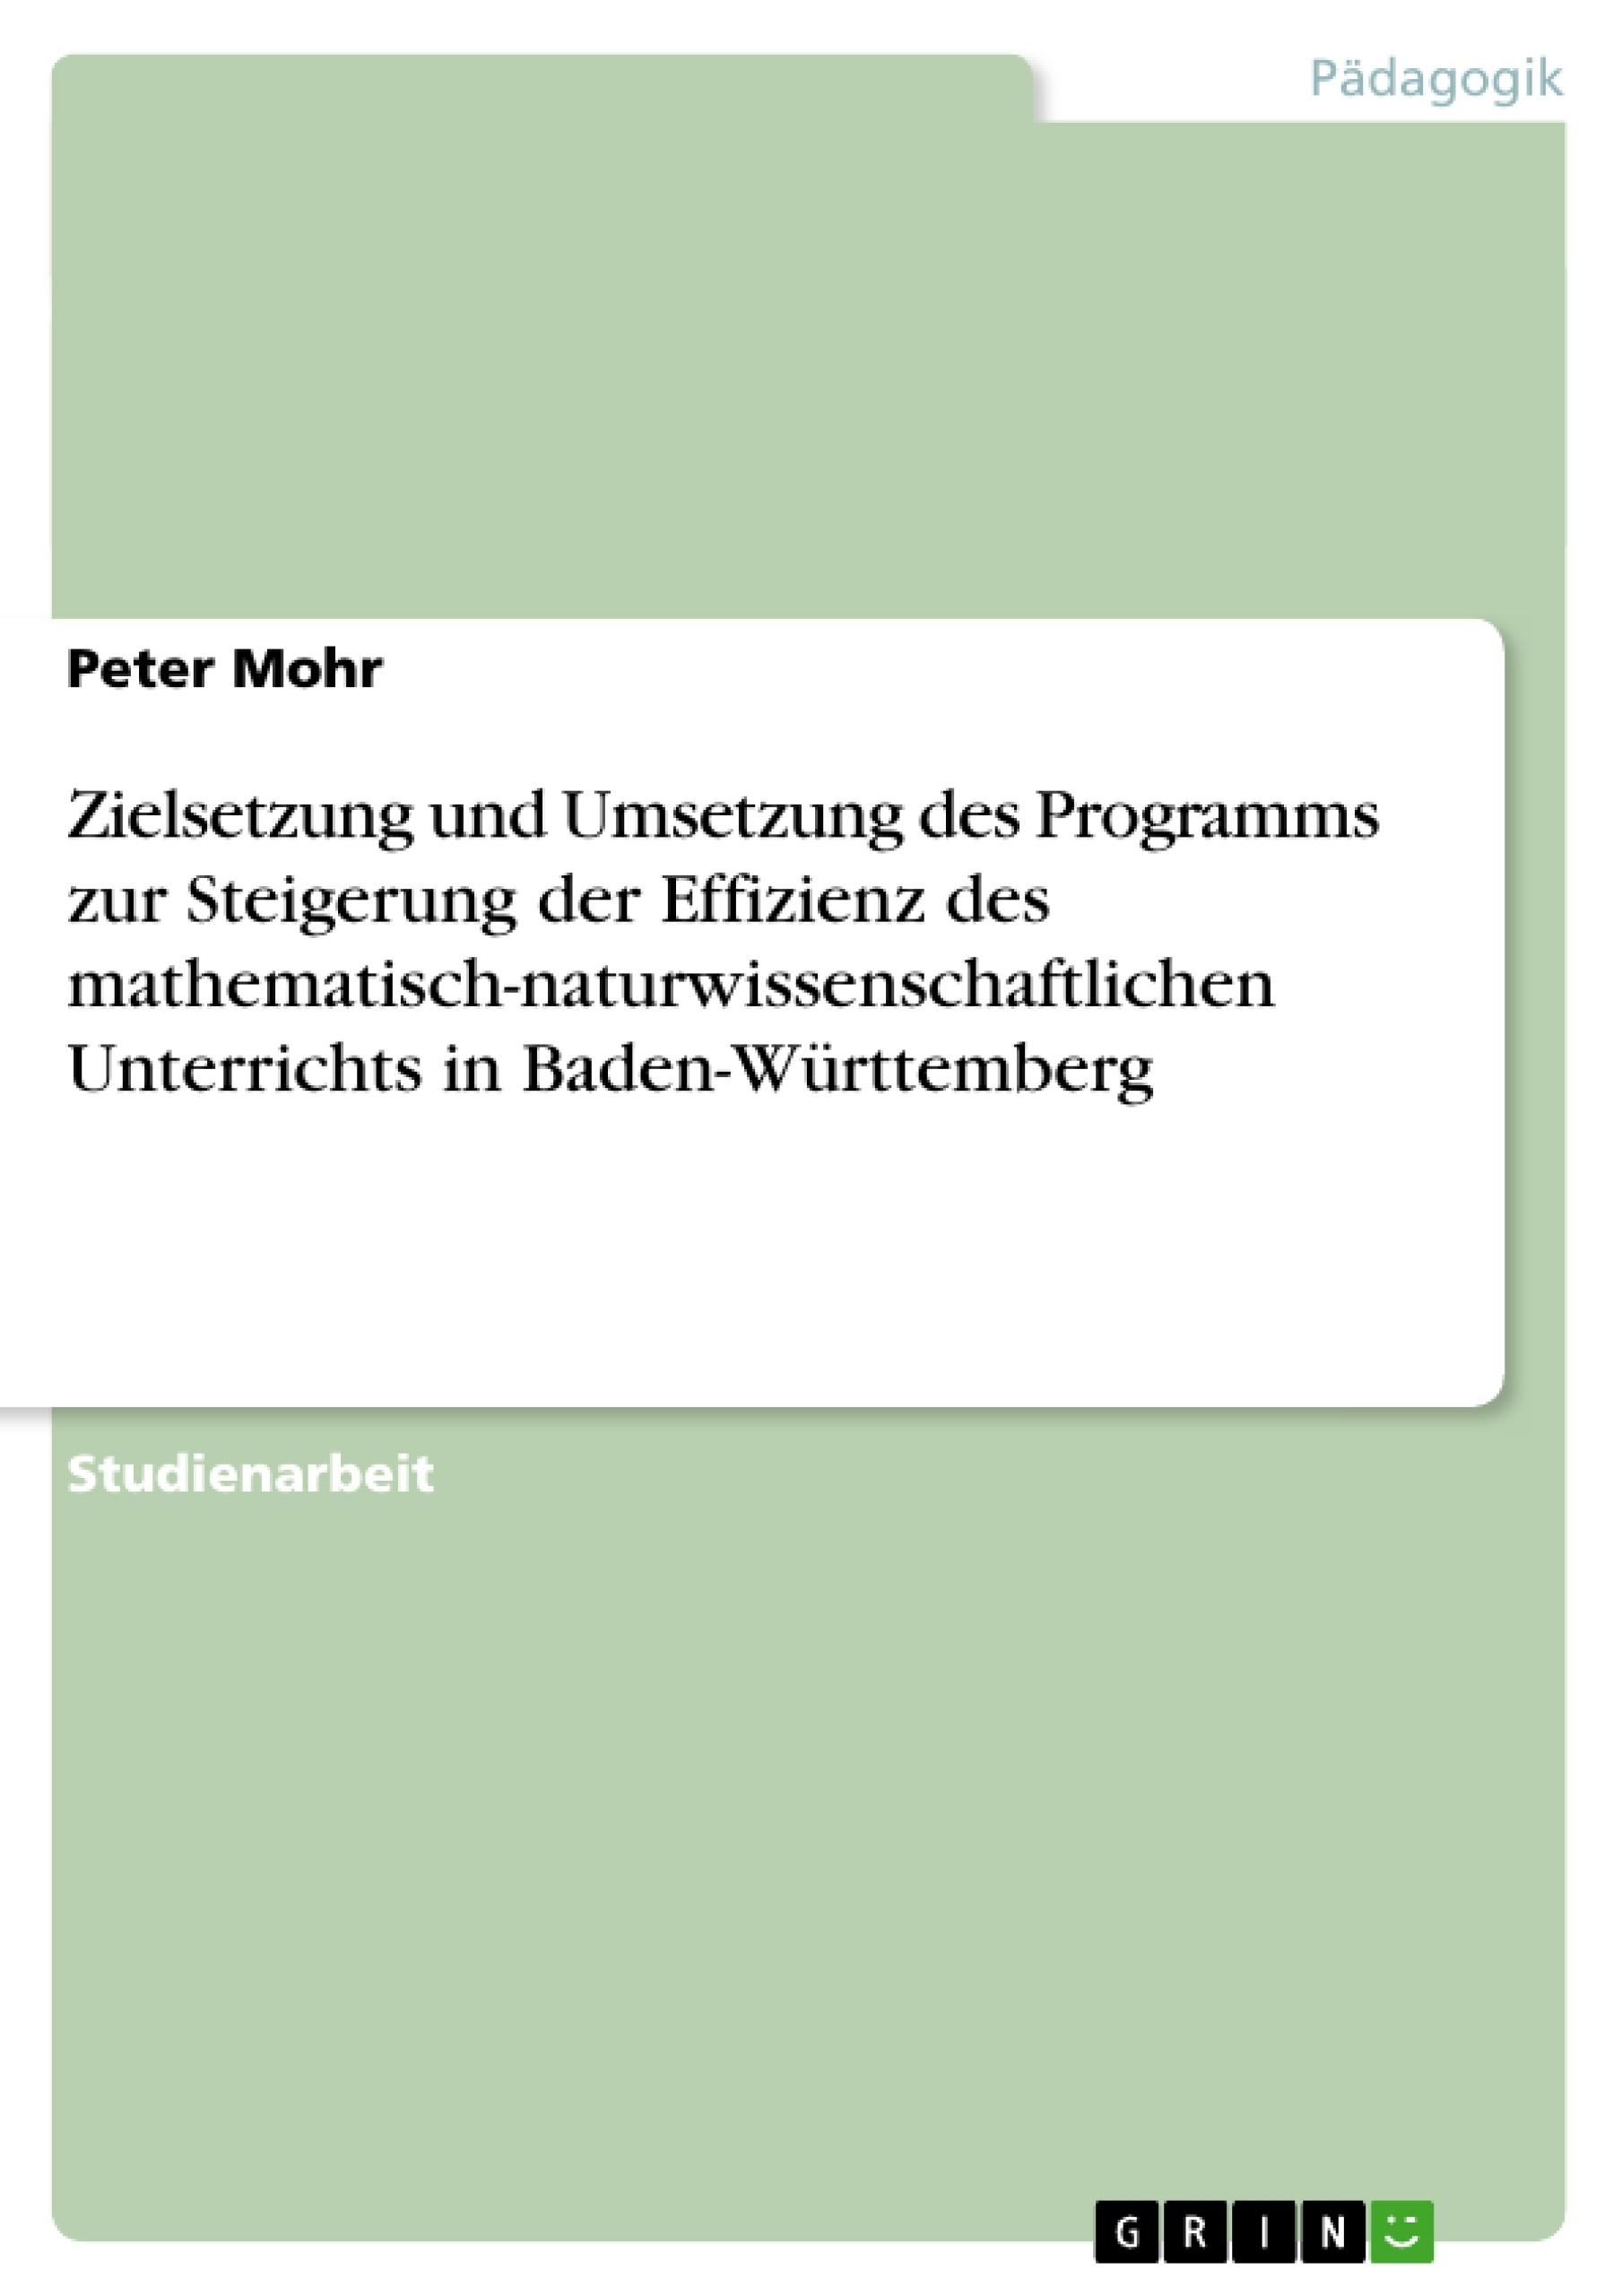 Titel: Zielsetzung und Umsetzung des Programms zur Steigerung der Effizienz des mathematisch-naturwissenschaftlichen Unterrichts in Baden-Württemberg